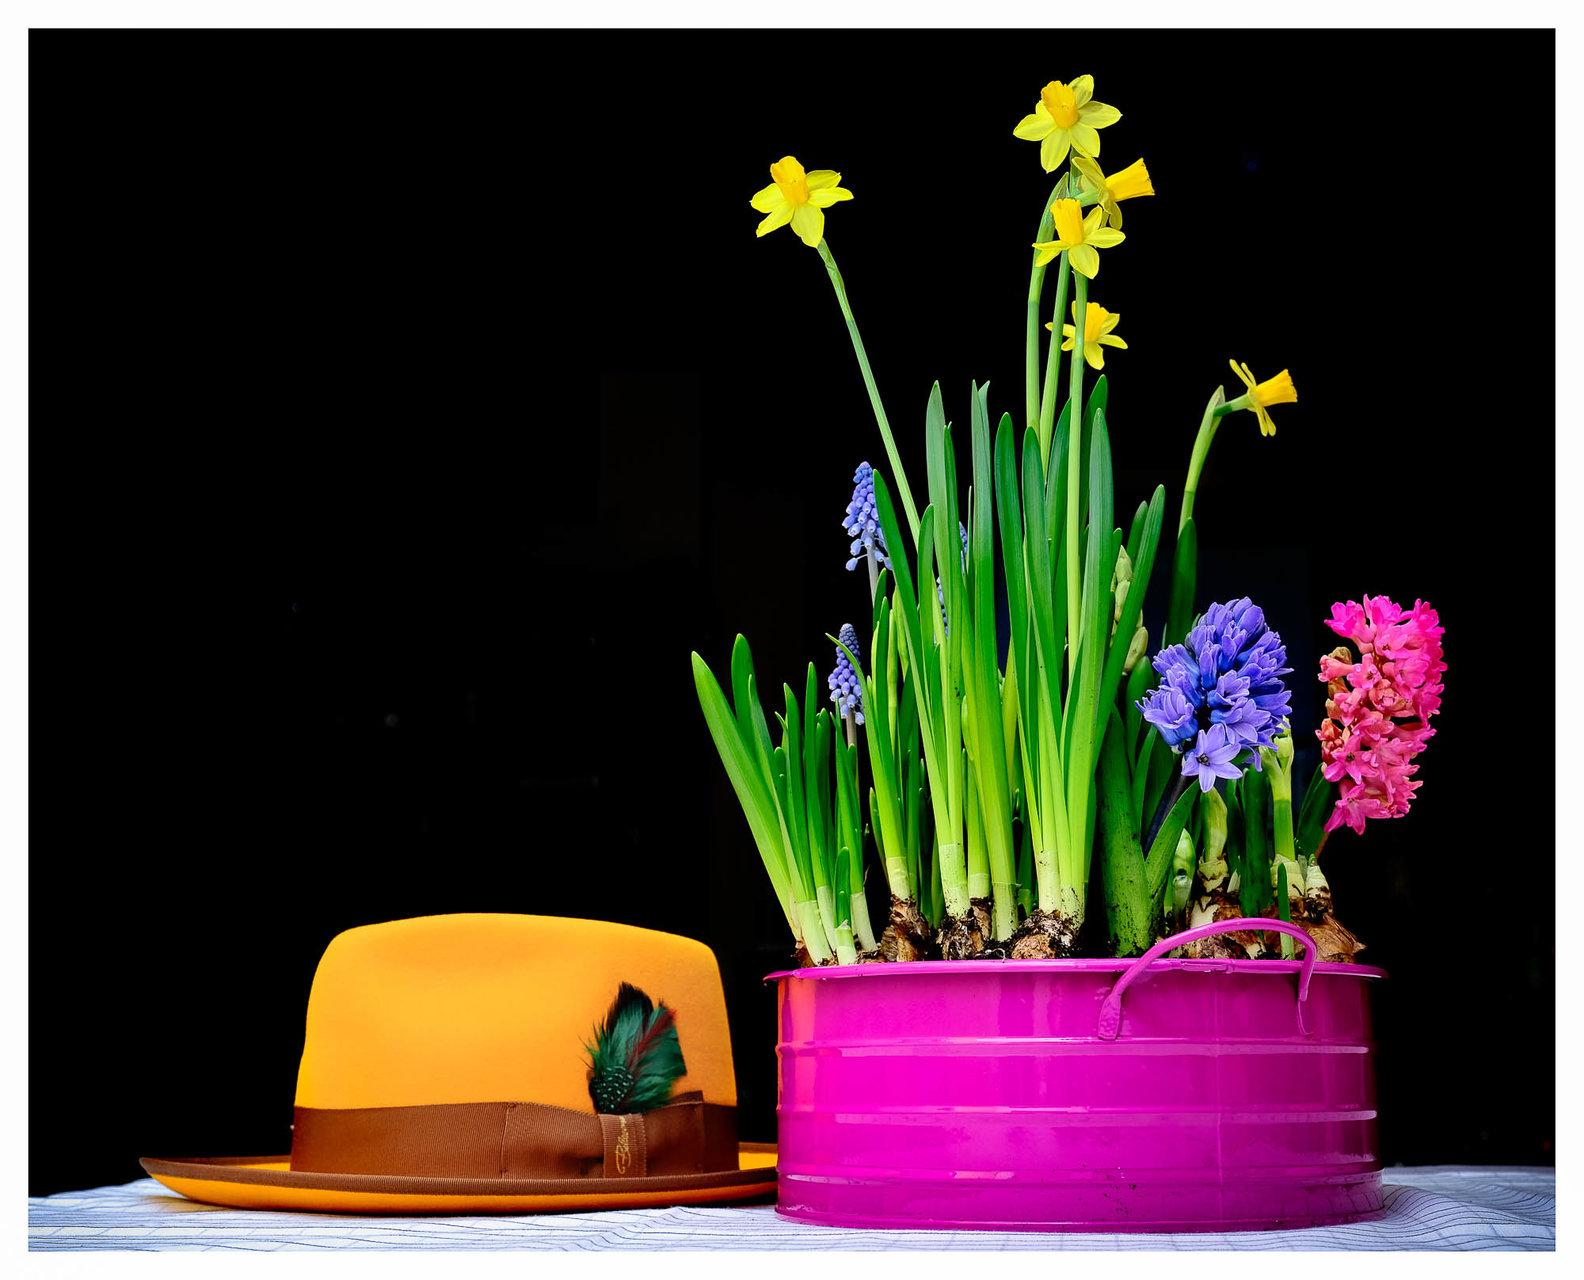 дръж ми шапката | Author Georgi Alexandrov - ohluff | PHOTO FORUM